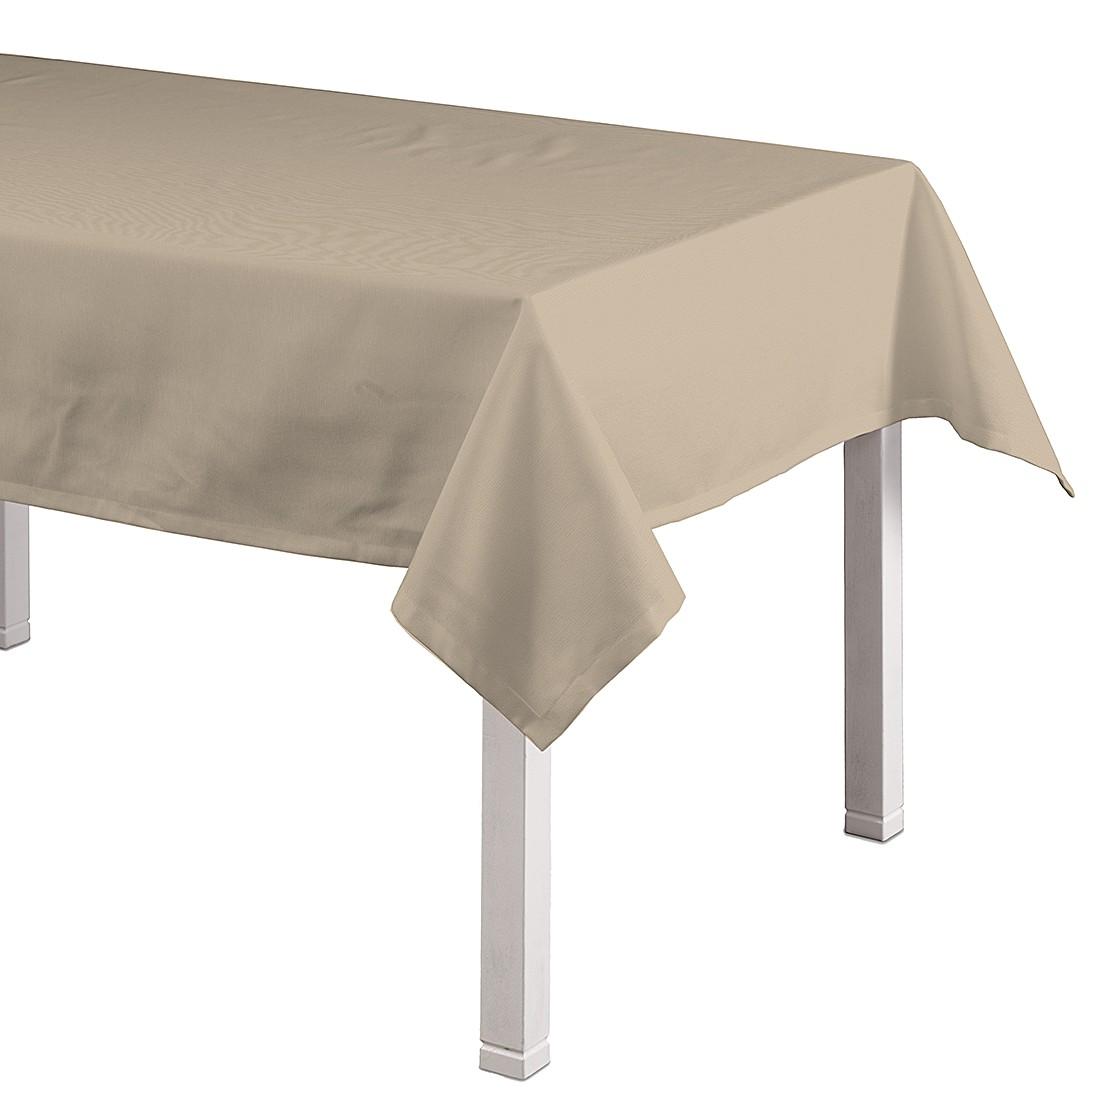 Tischdecke Cotton Panama – Braun – 130 x 130 cm, Dekoria günstig